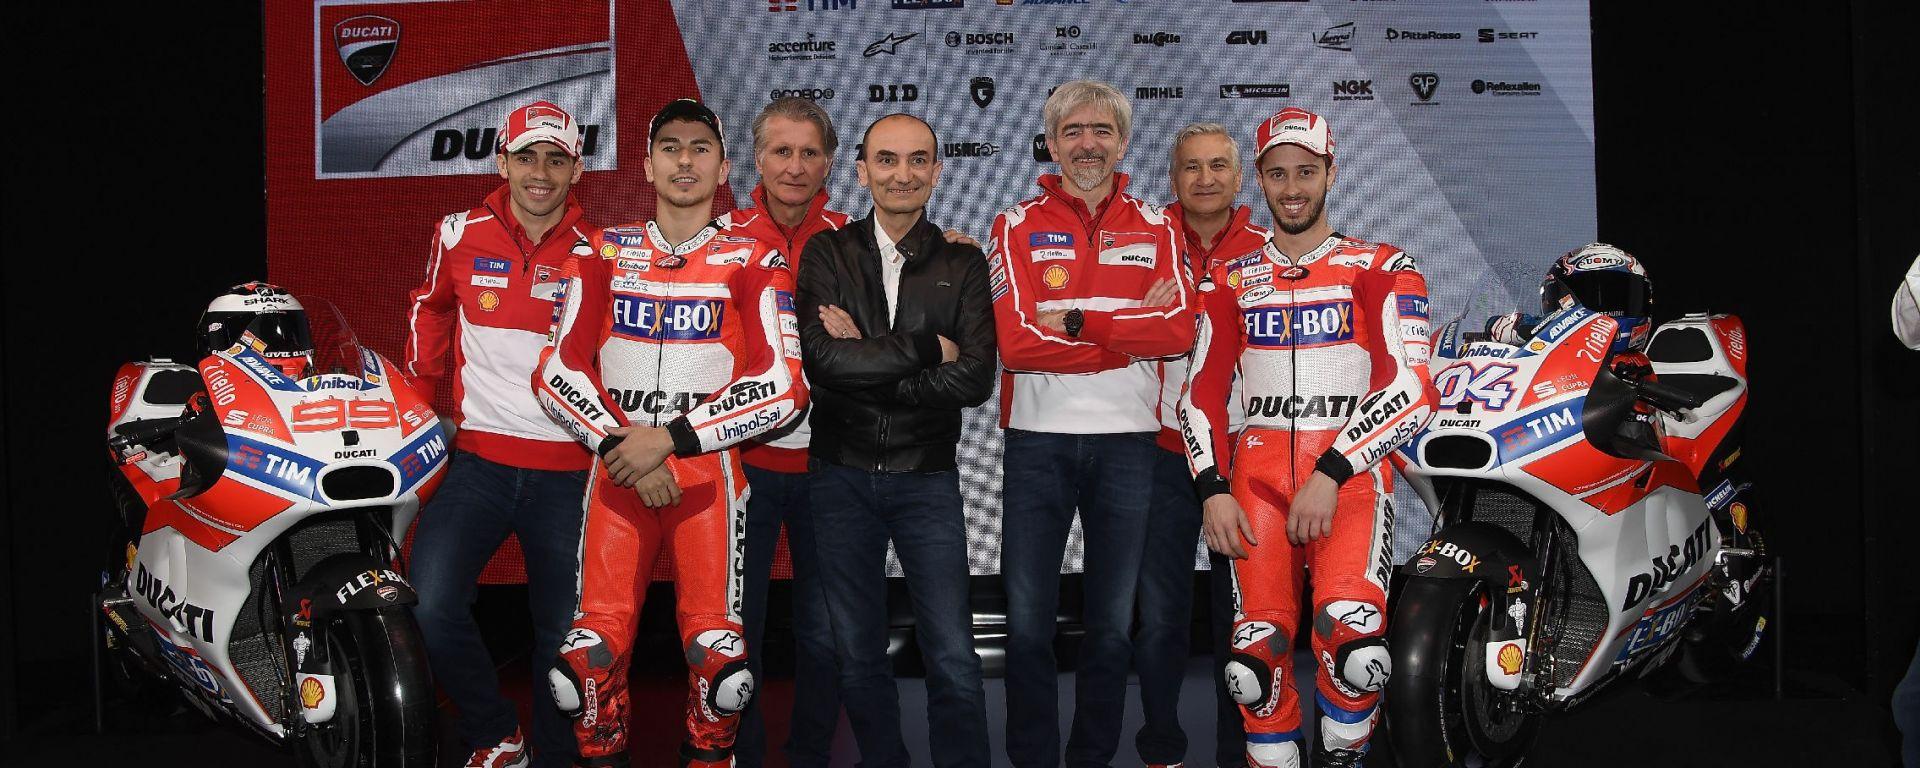 MotoGP 2017: Ducati apre la Stagione presentato il Reparto Corse 2017